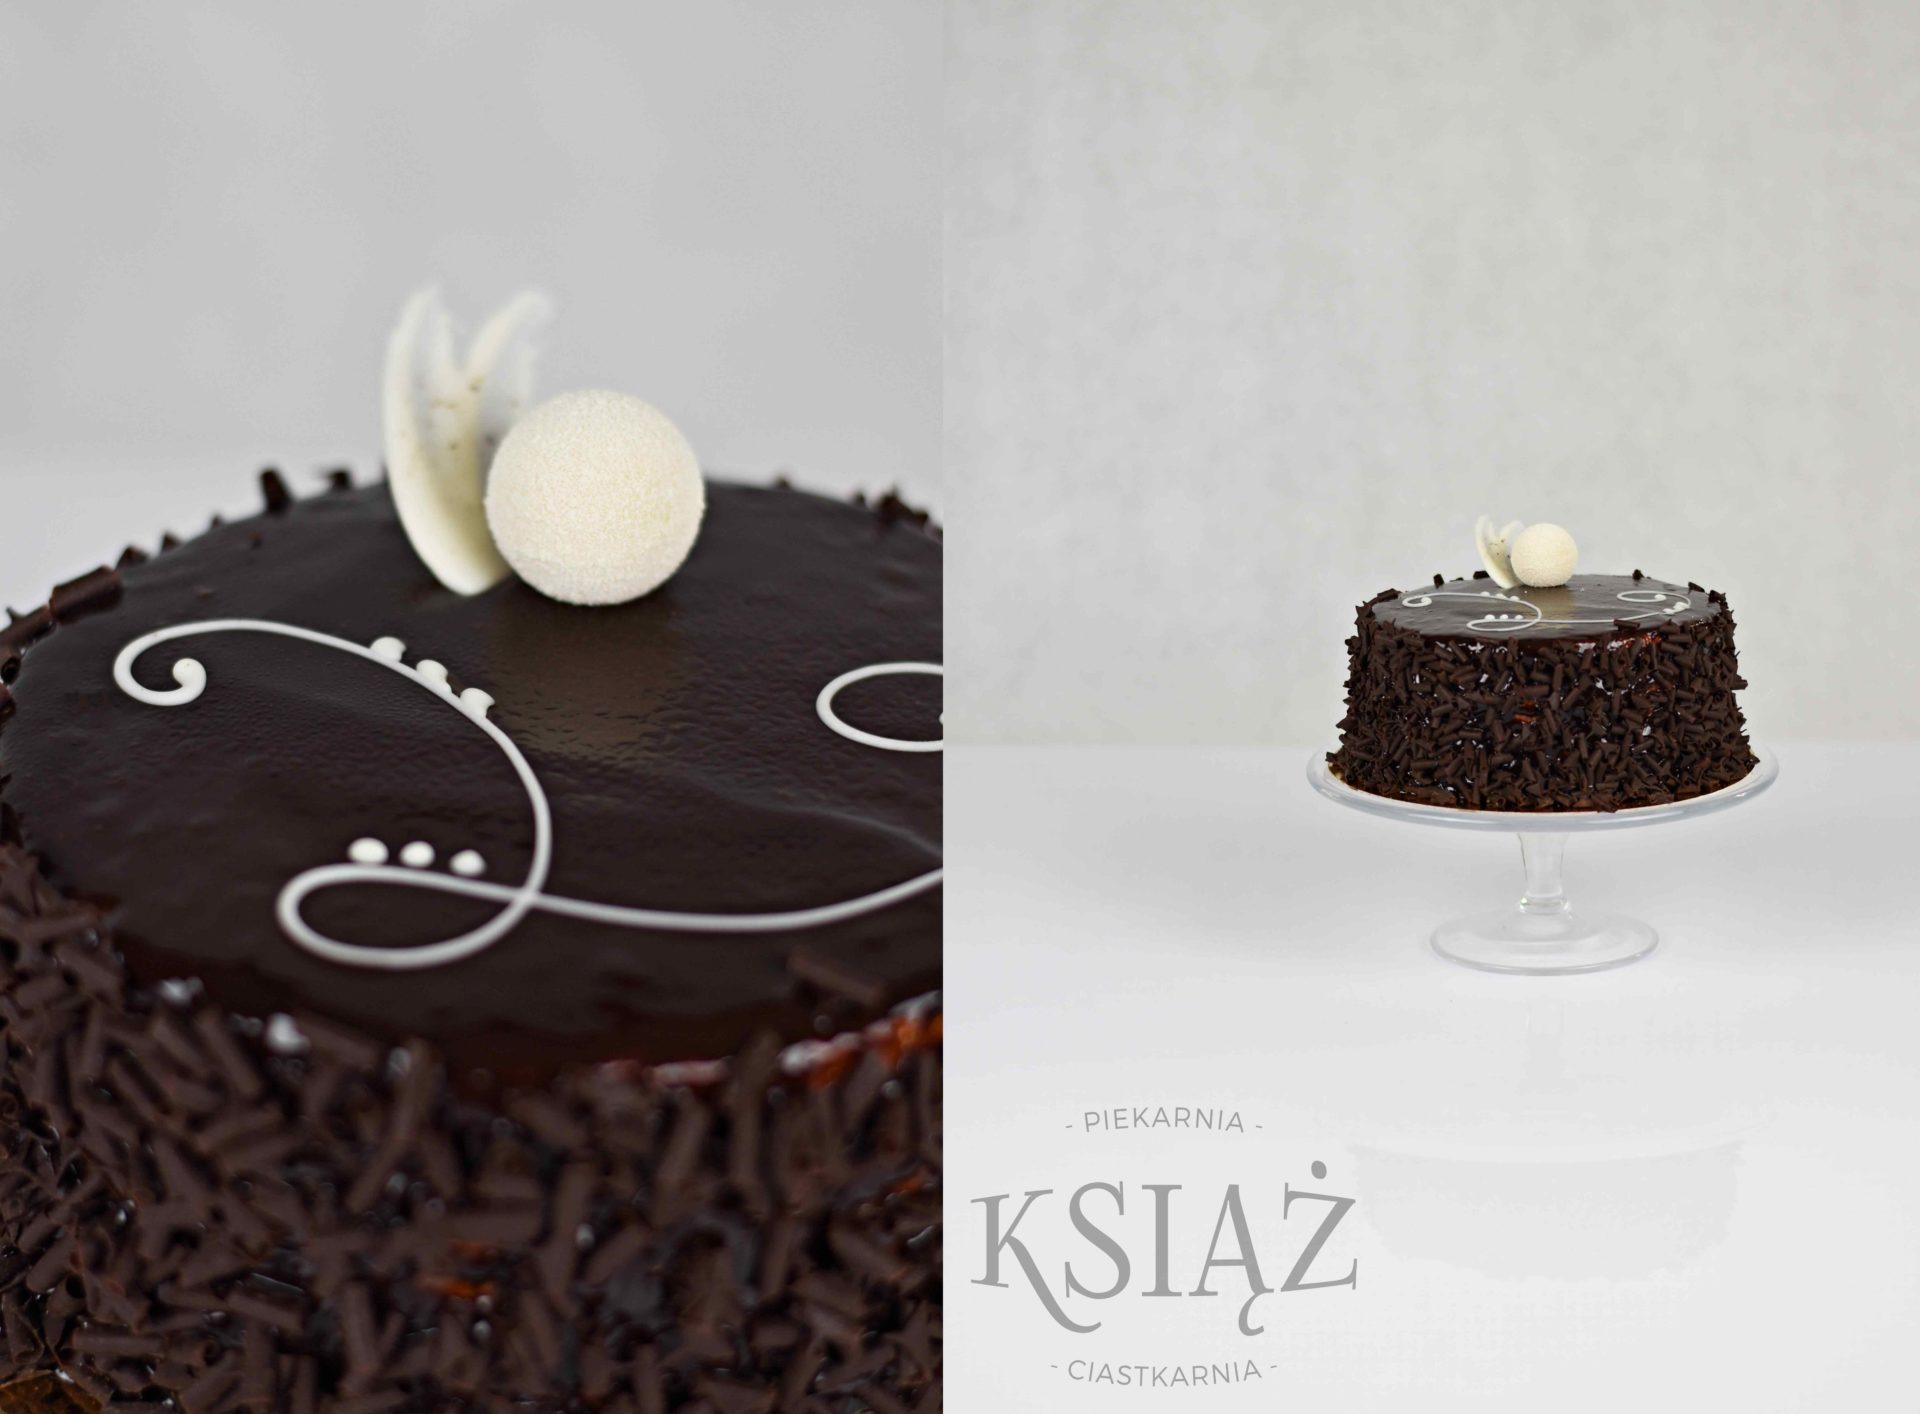 Tort węgierski T008 - ciemny biszkopt, przełożony śmietaną z wiśniami, z dodatkiem spirytusu